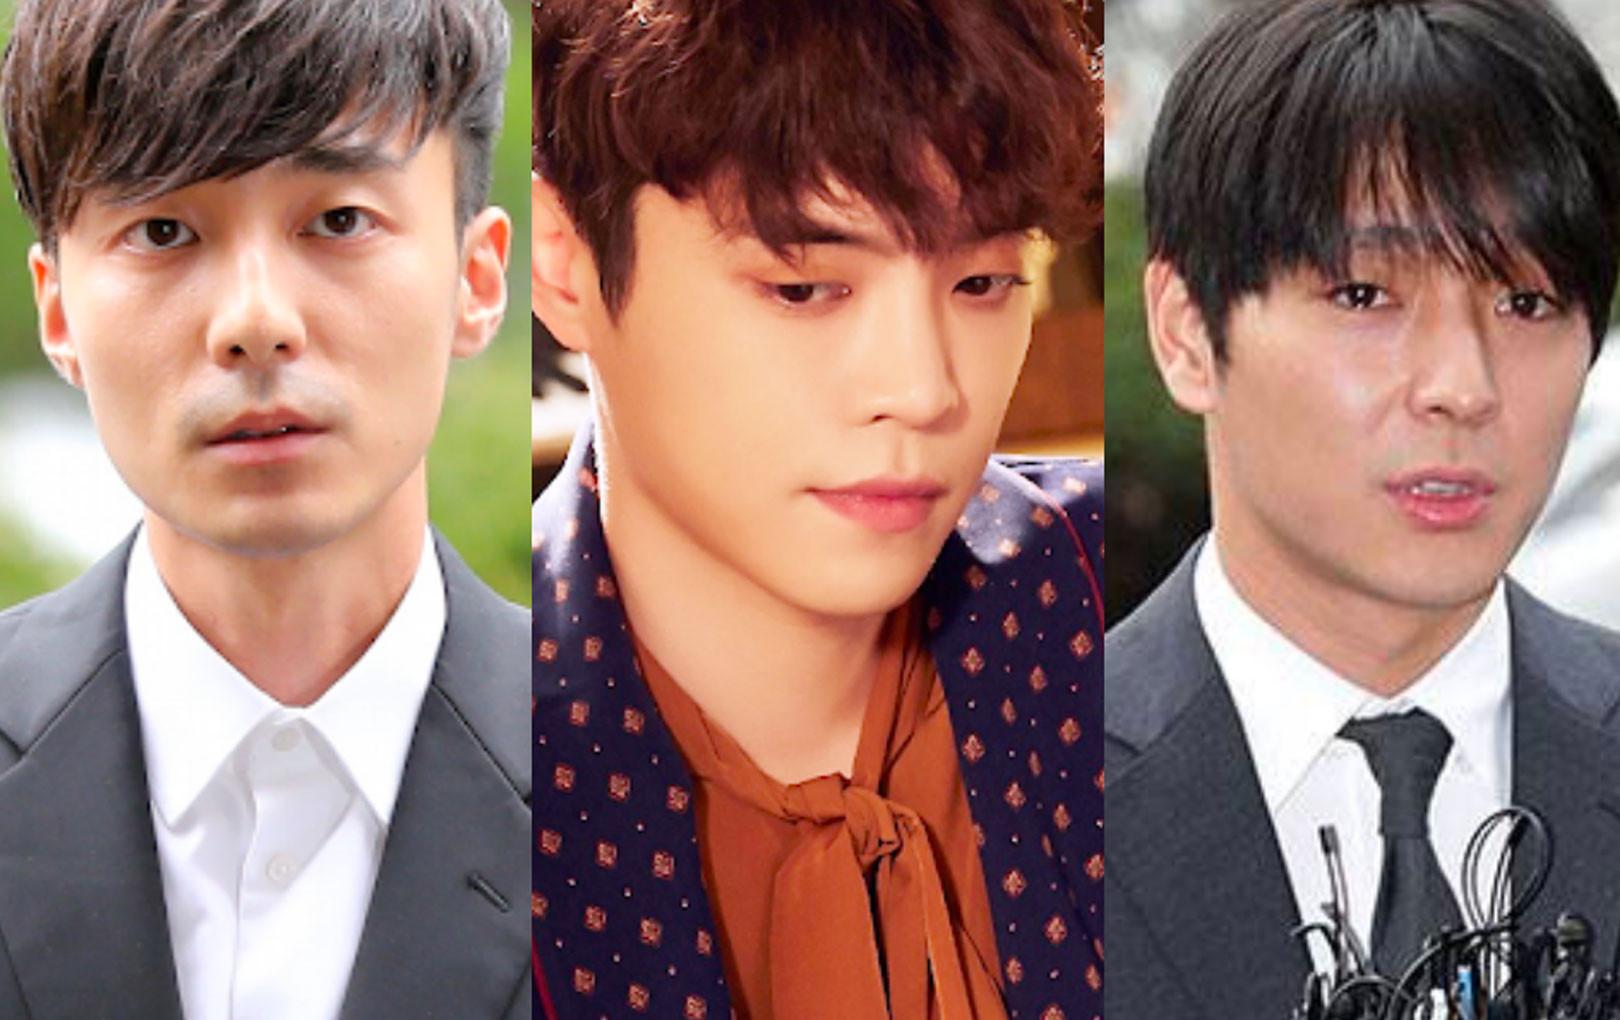 Roy Kim, Eddy Kim đã thừa nhận các cáo buộc, Choi Jong Hoon thẩm chí còn có hành vị nghiêm trọng hơn